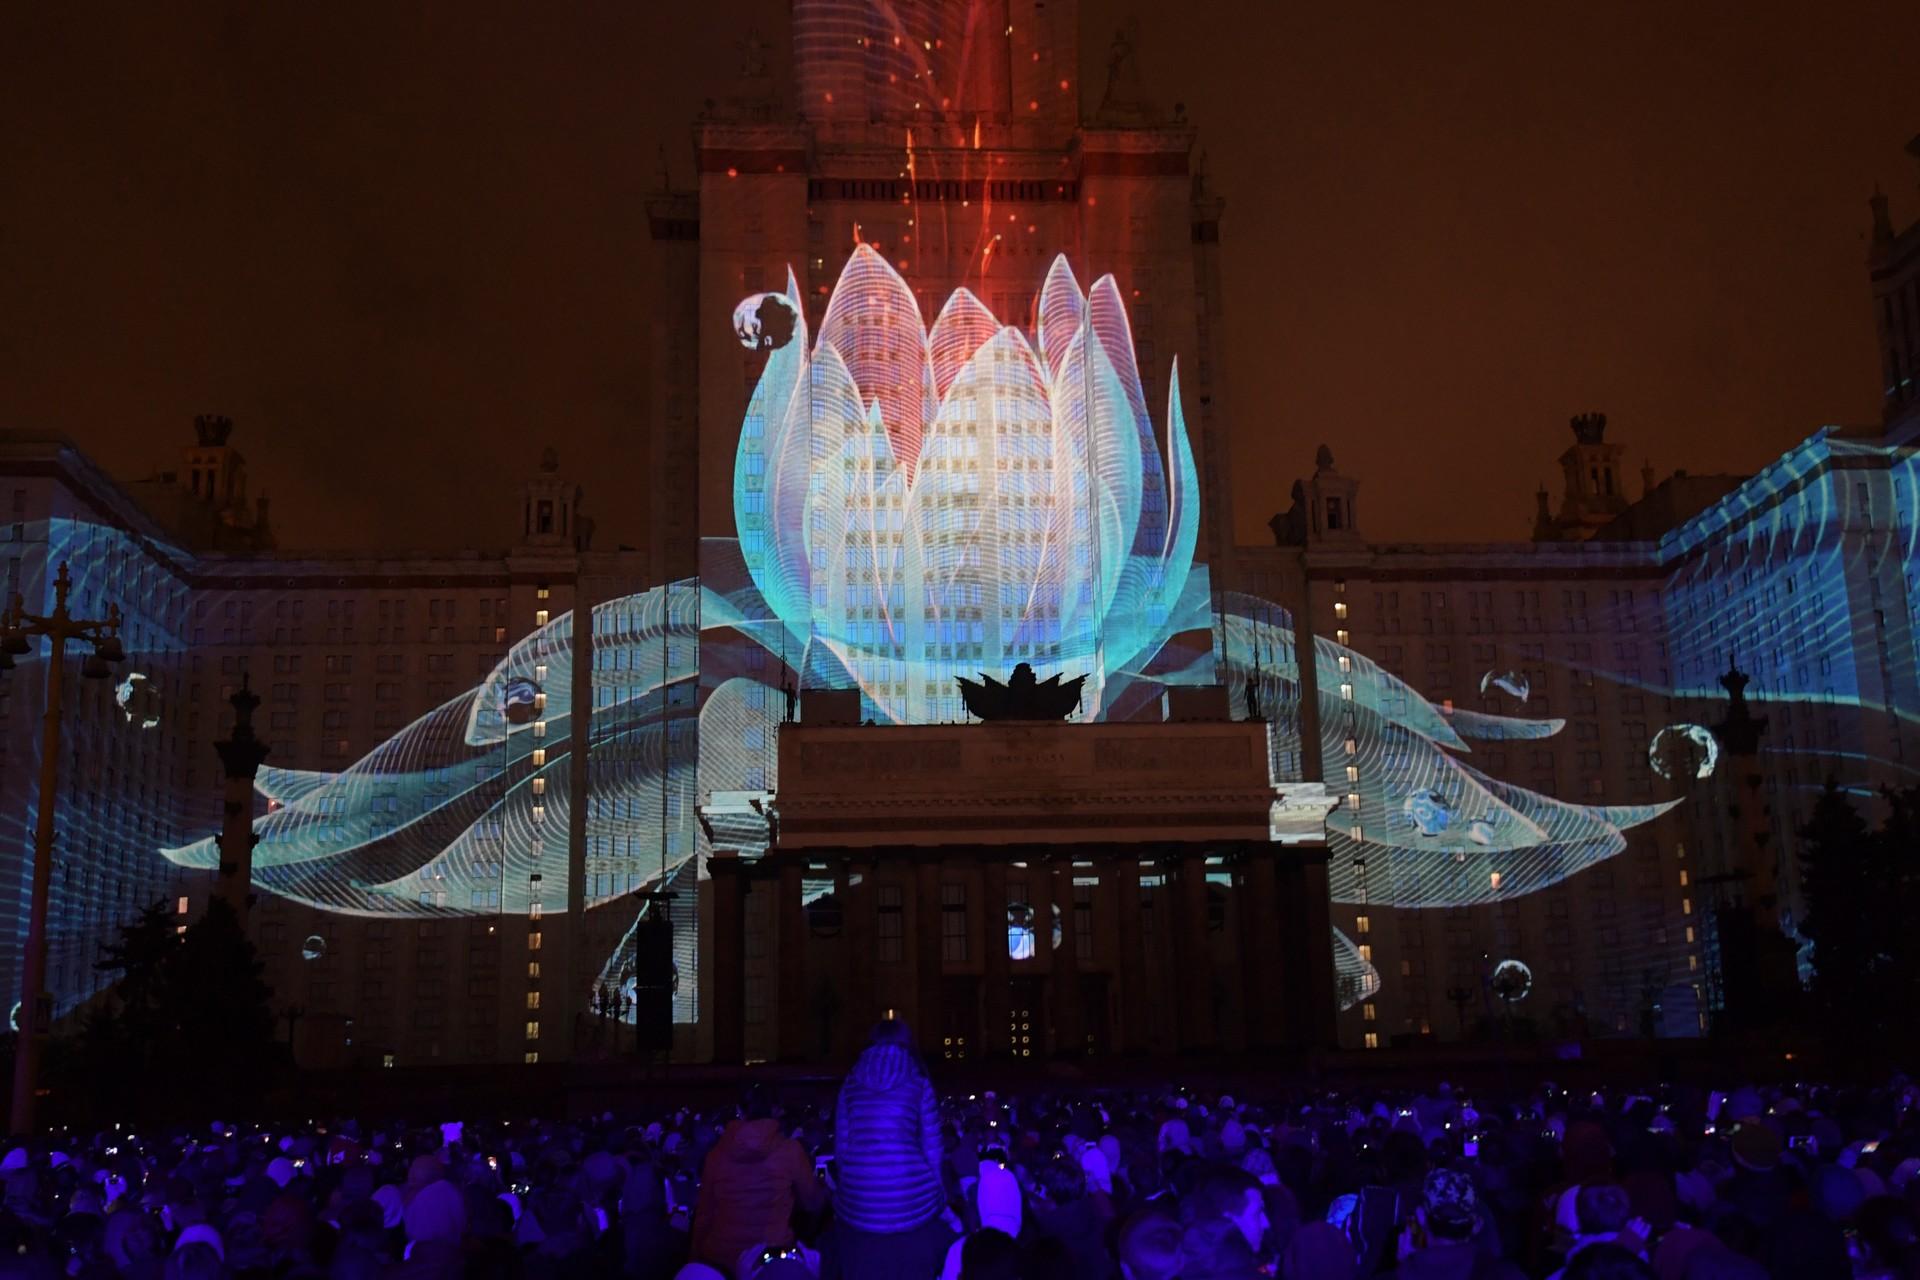 El festival Círculo de Luz, Moscú, Rusia, el 23 de septiembre de 2016